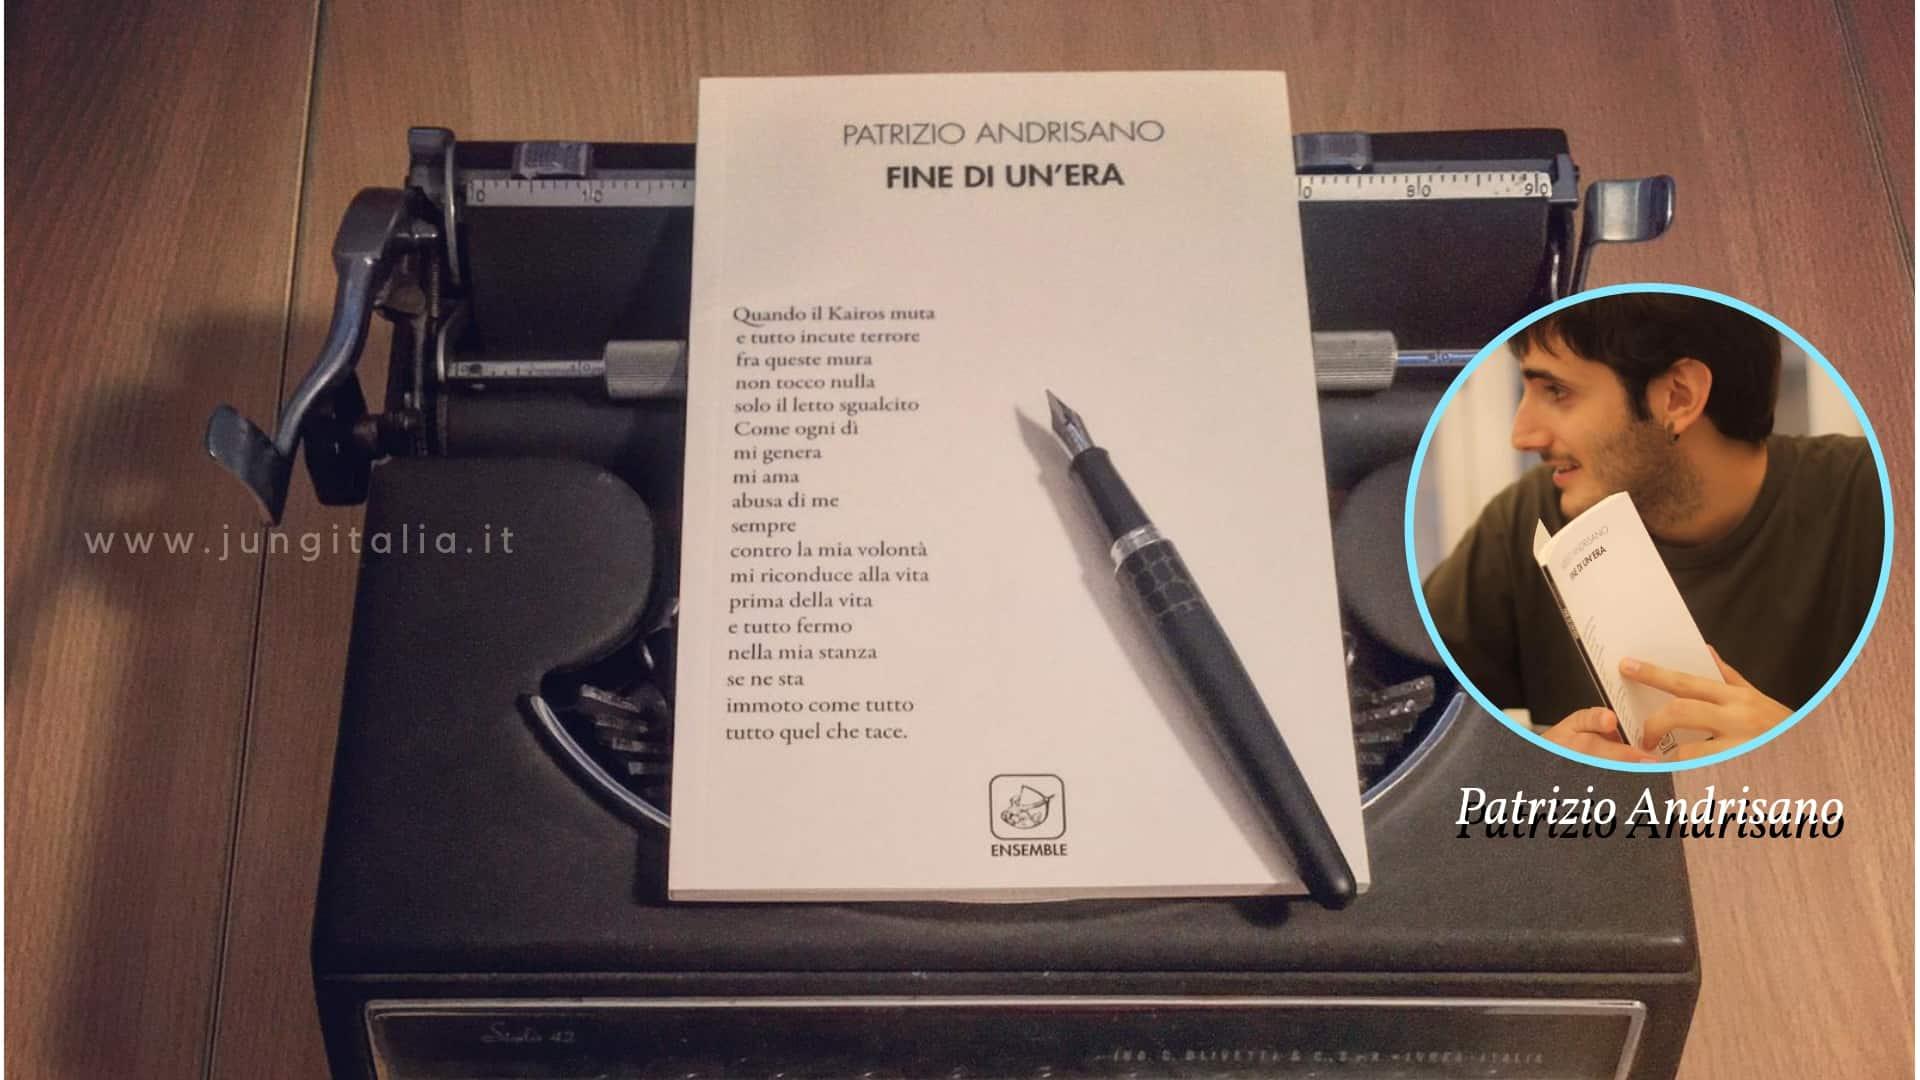 Patrizio Andrisano Poesia La fine di un'era